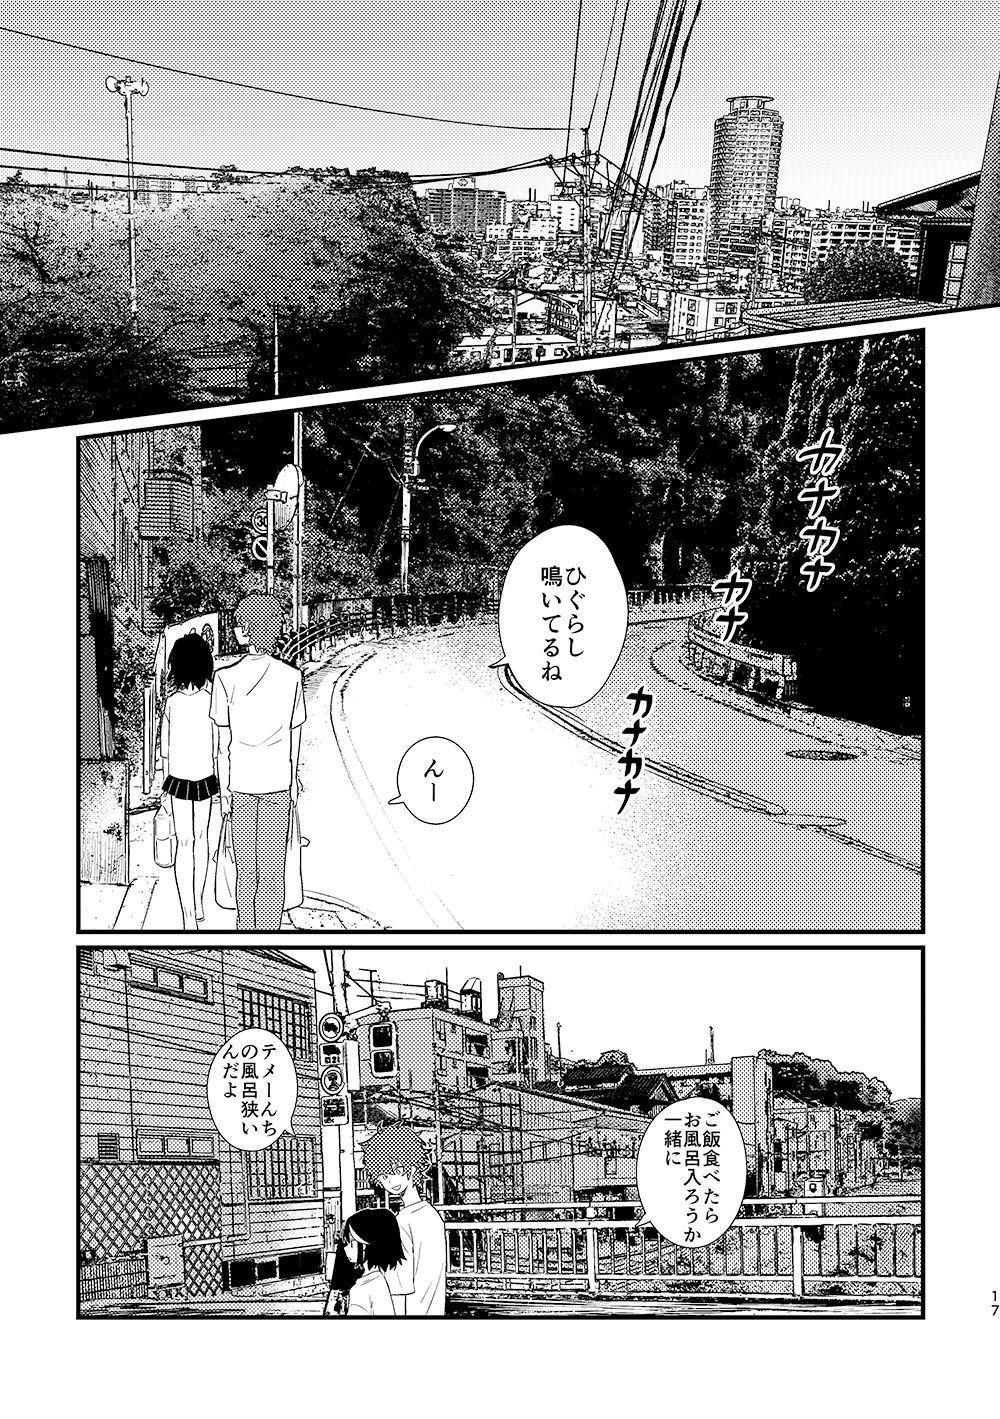 [Nomigoro. (320)] 7-gatsu 20-ka (Kill la Kill) [Digital] 15